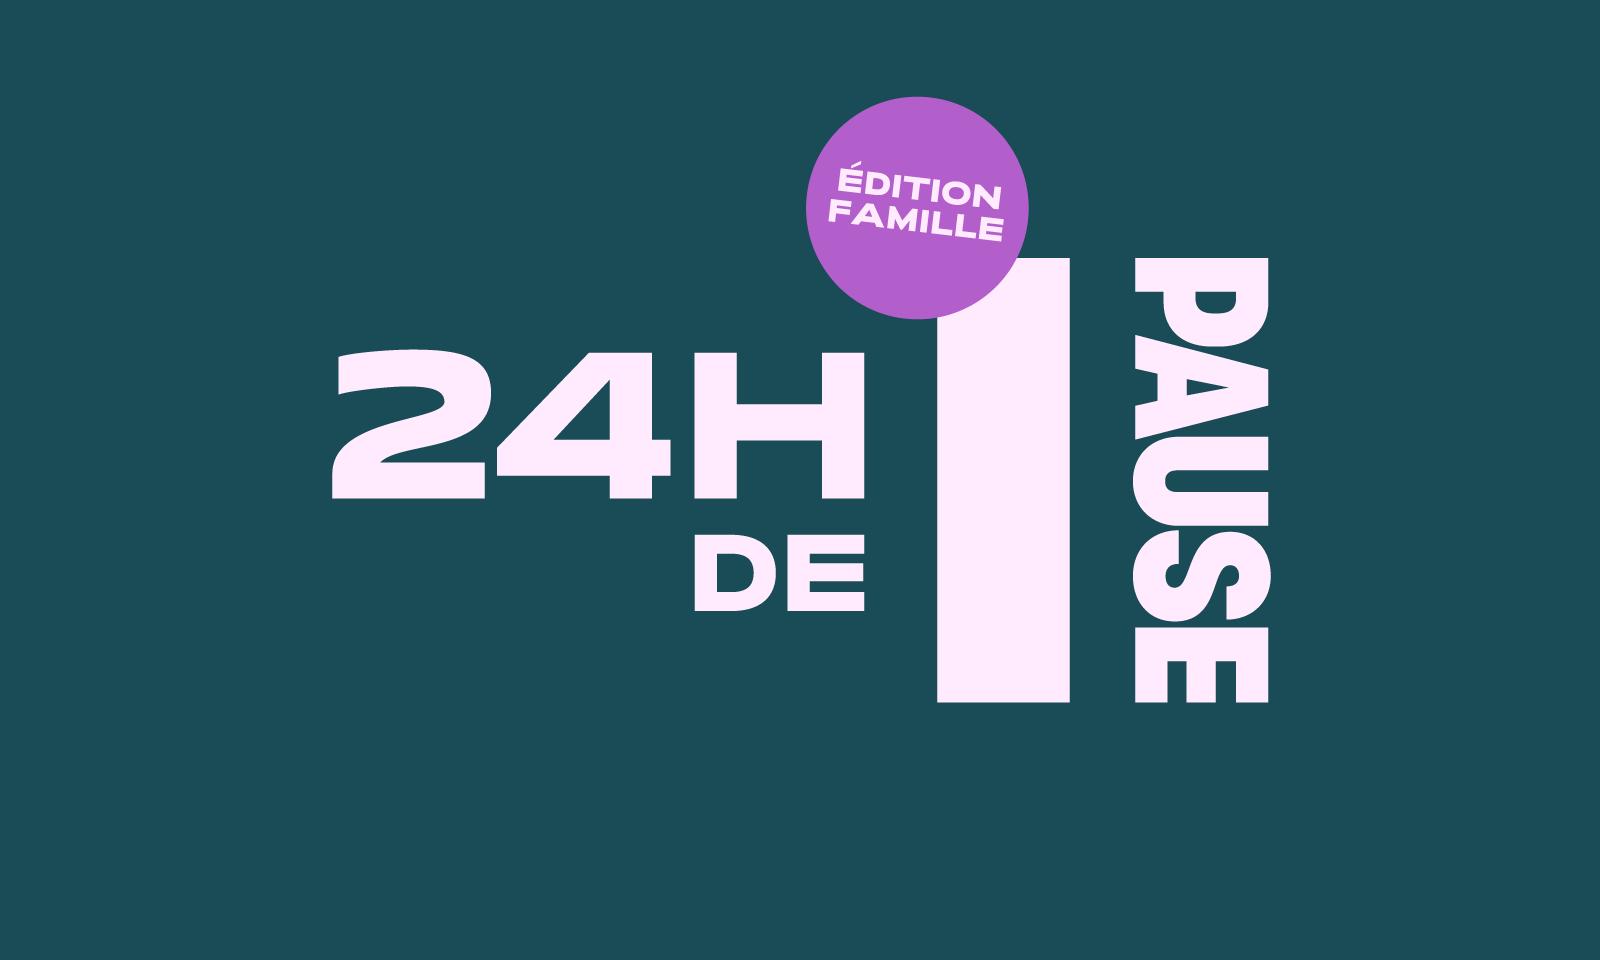 24h de PAUSE en famille: une 1re édition réussie!